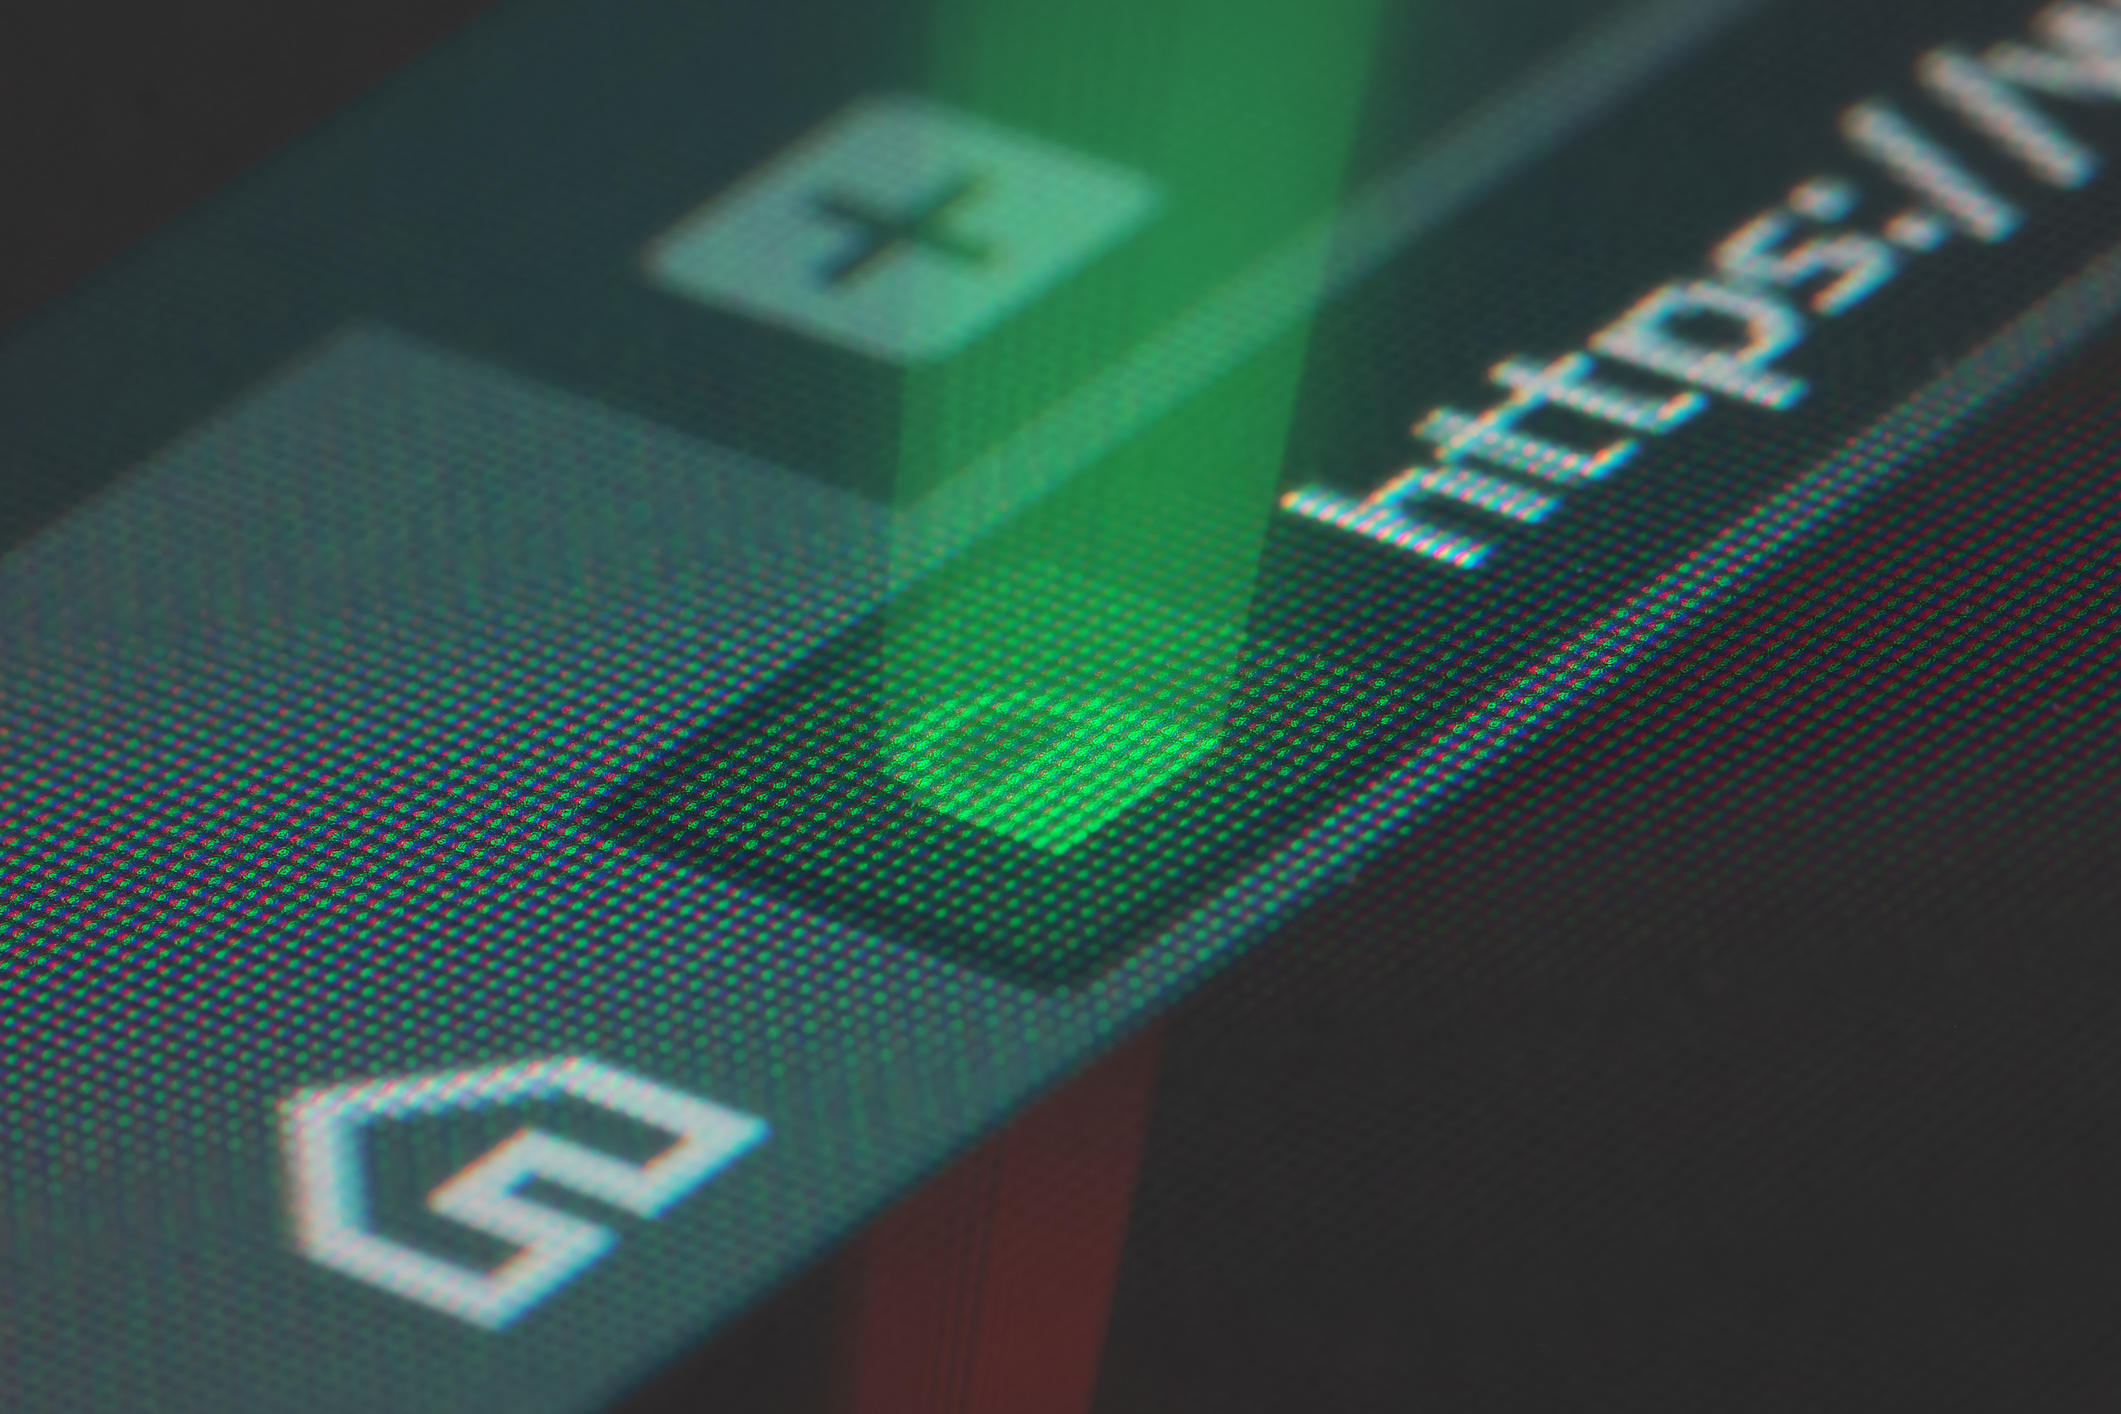 اپل، گوگل، مایکروسافت و موزیلا گواهی HTTPS قزاقستان برای جاسوسی را مسدود کردند